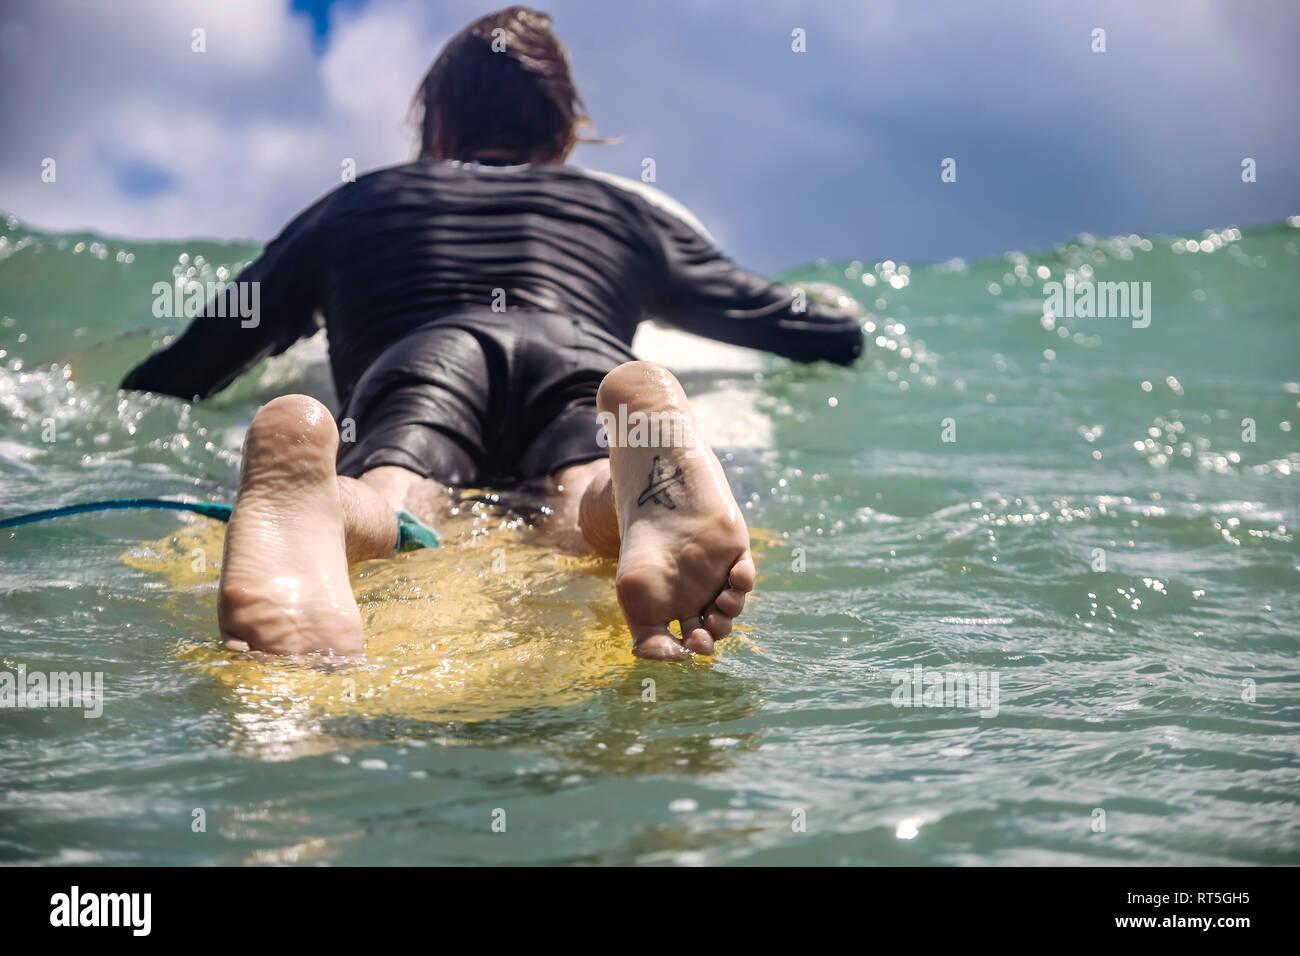 Indonesia Bali Kuta, surfer giacente sulla tavola da surf, tattoo sulla pianta del piede Immagini Stock